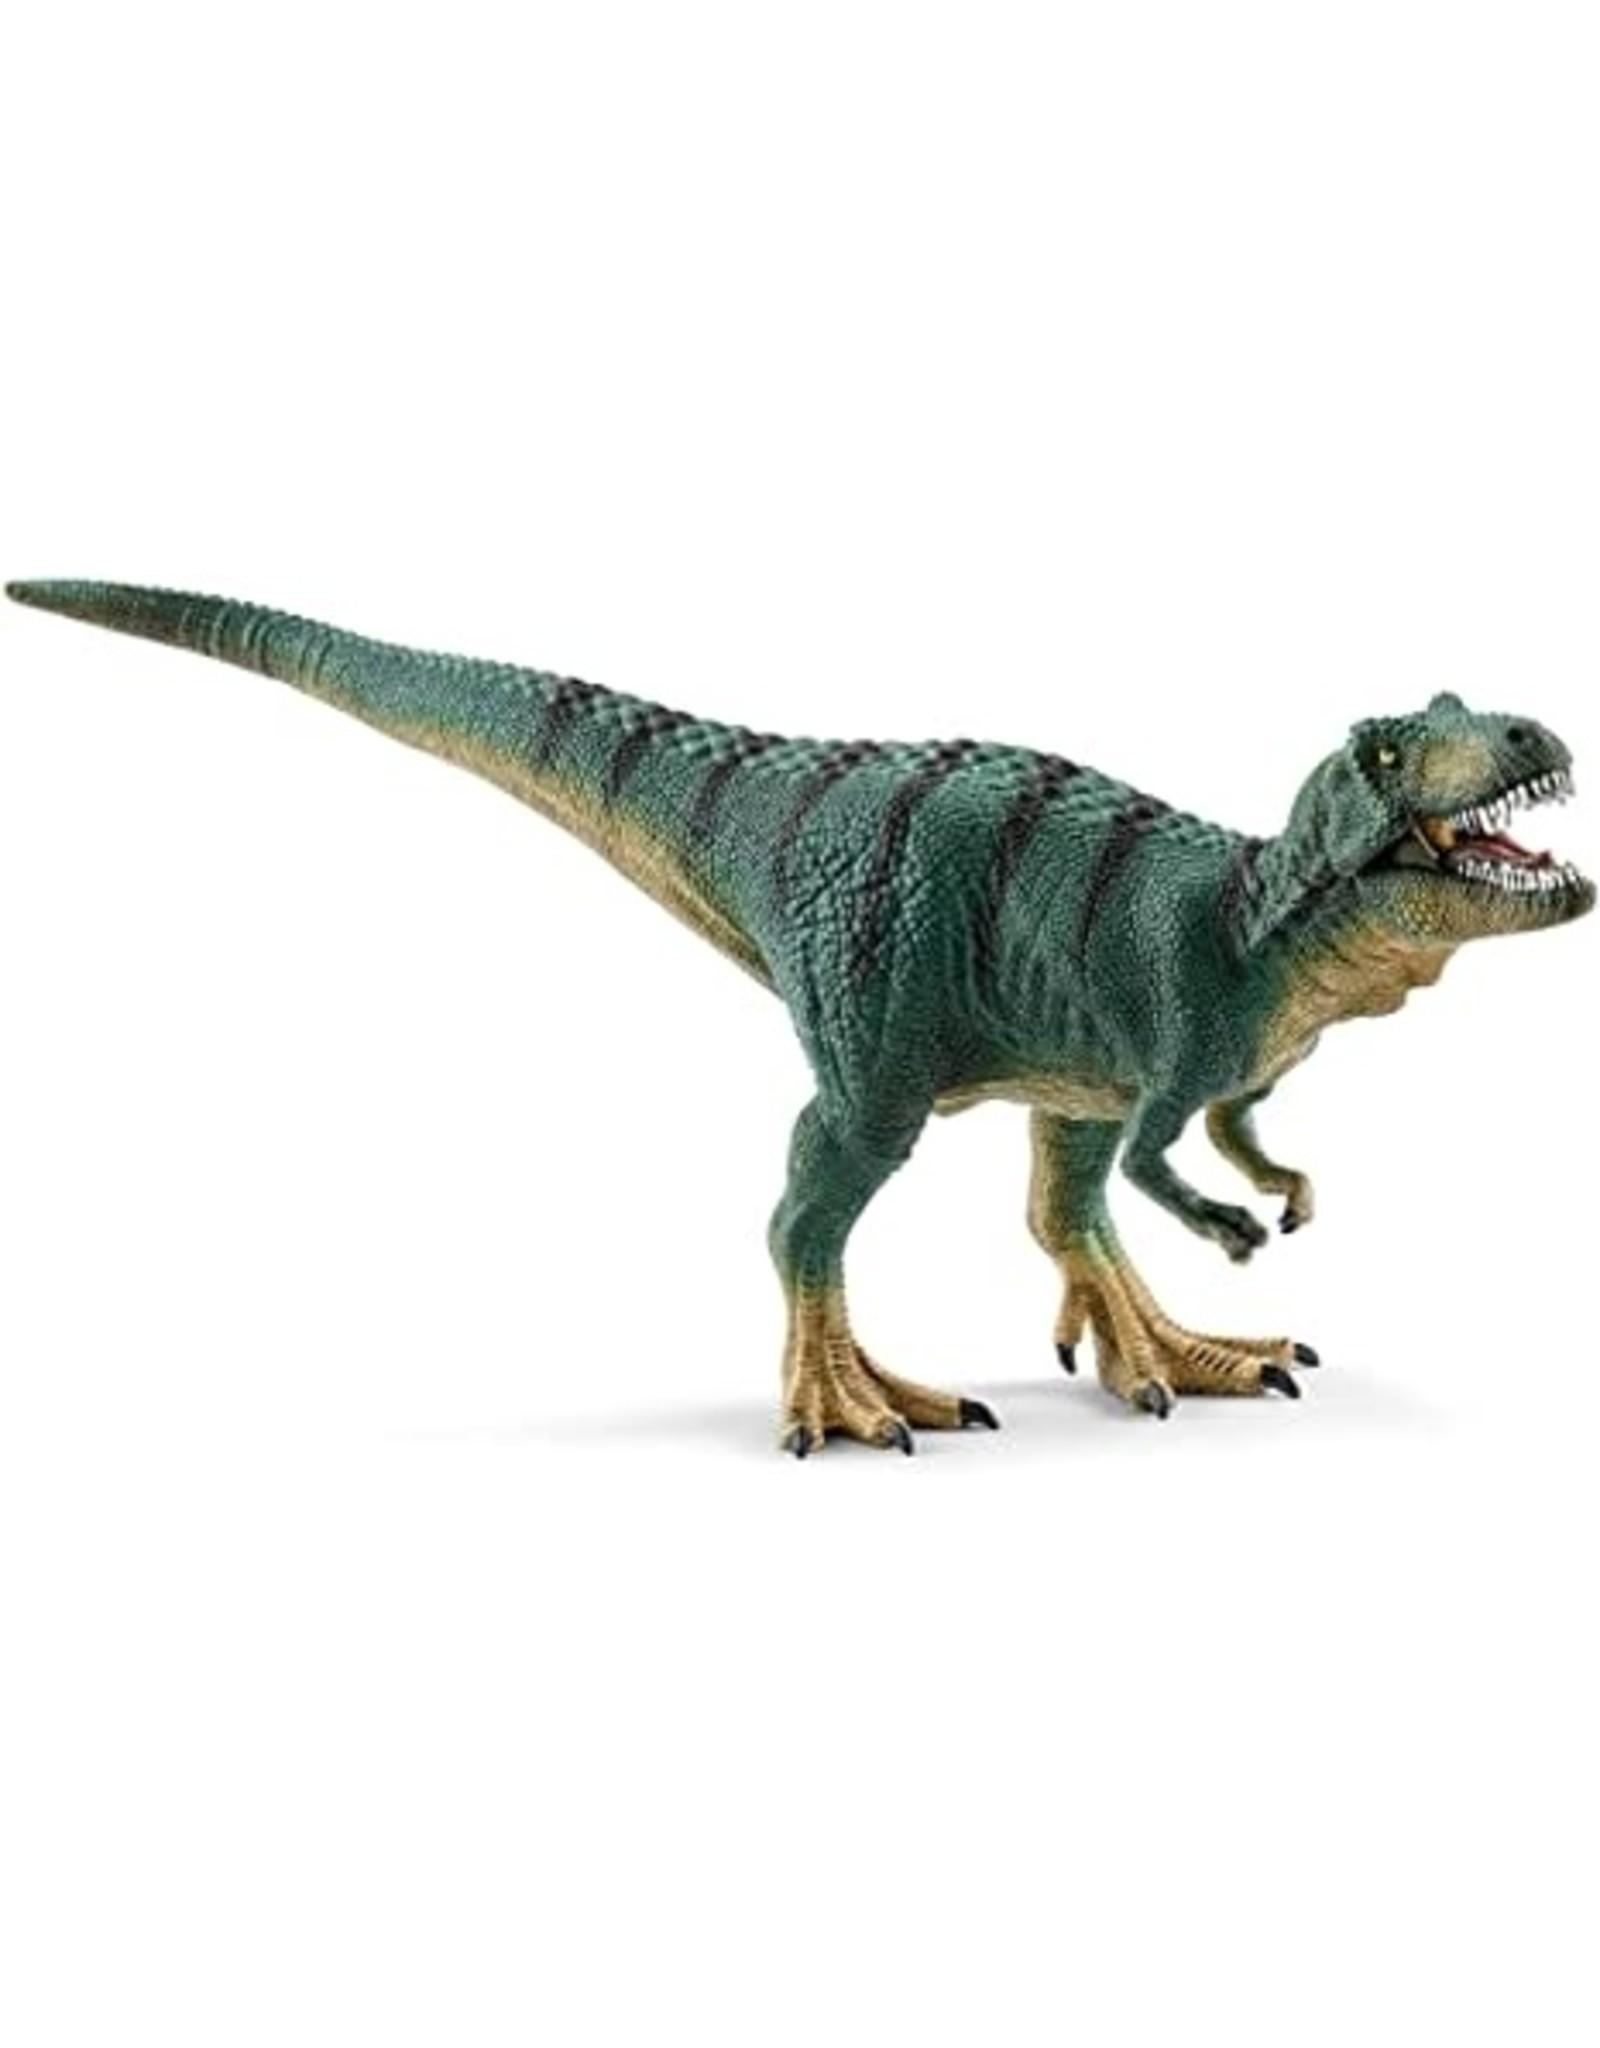 Schleich Juvenile Tyrannosaurus Rex